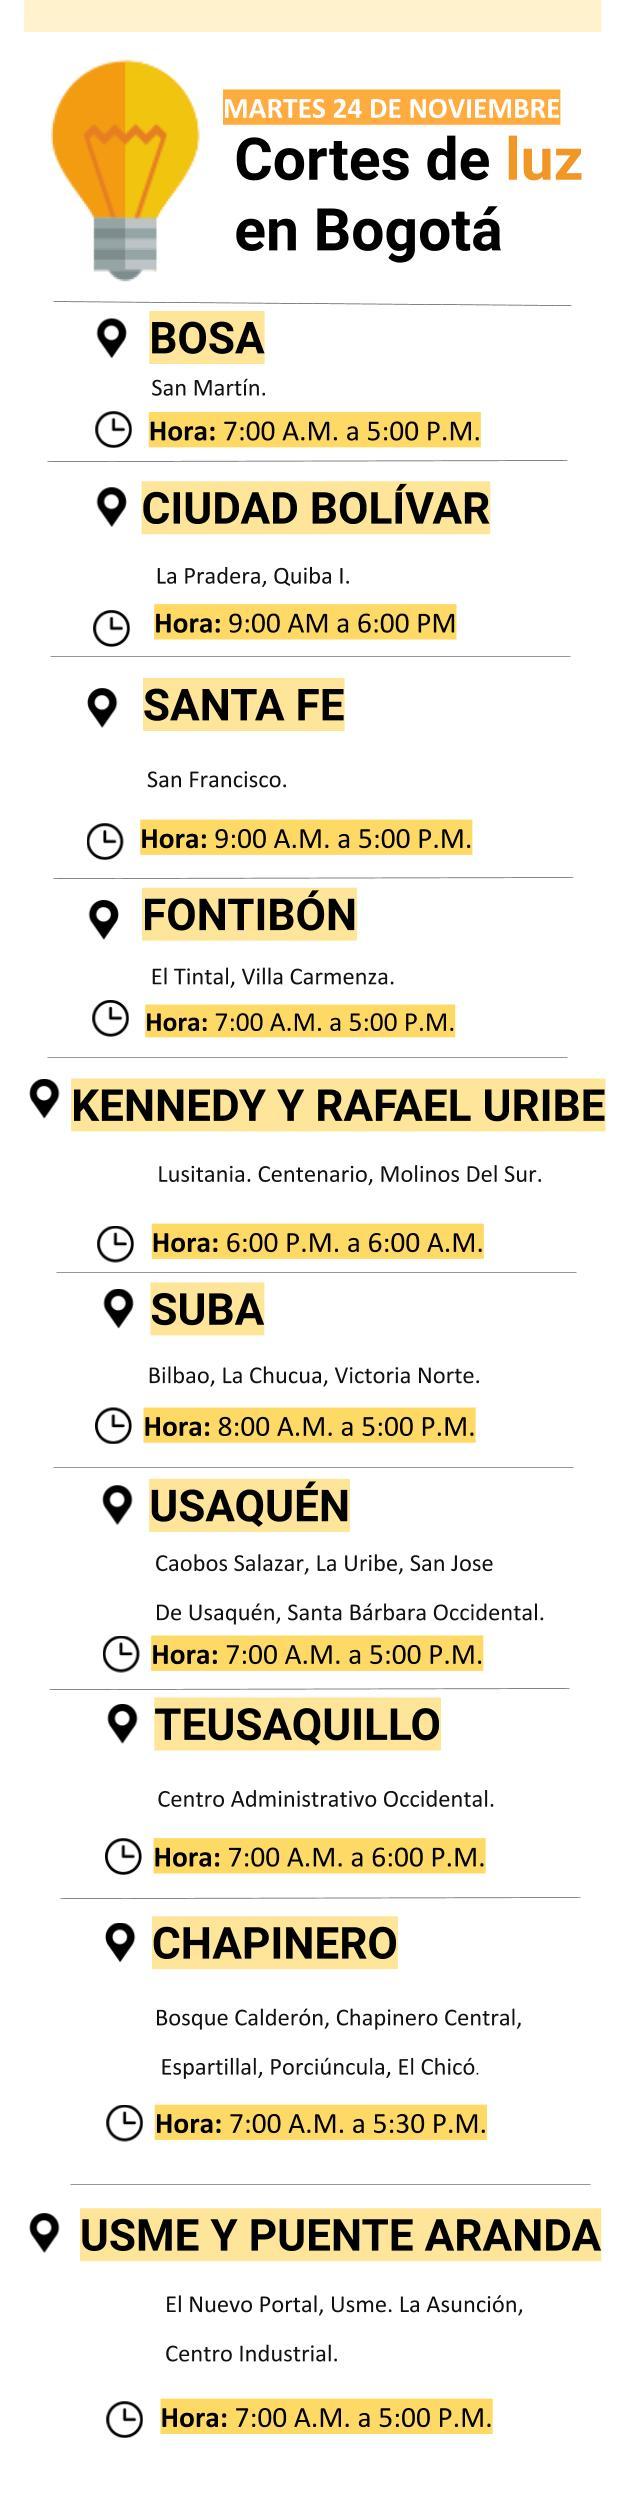 Cortes de luz en Bogotá para el martes 24 de noviembre